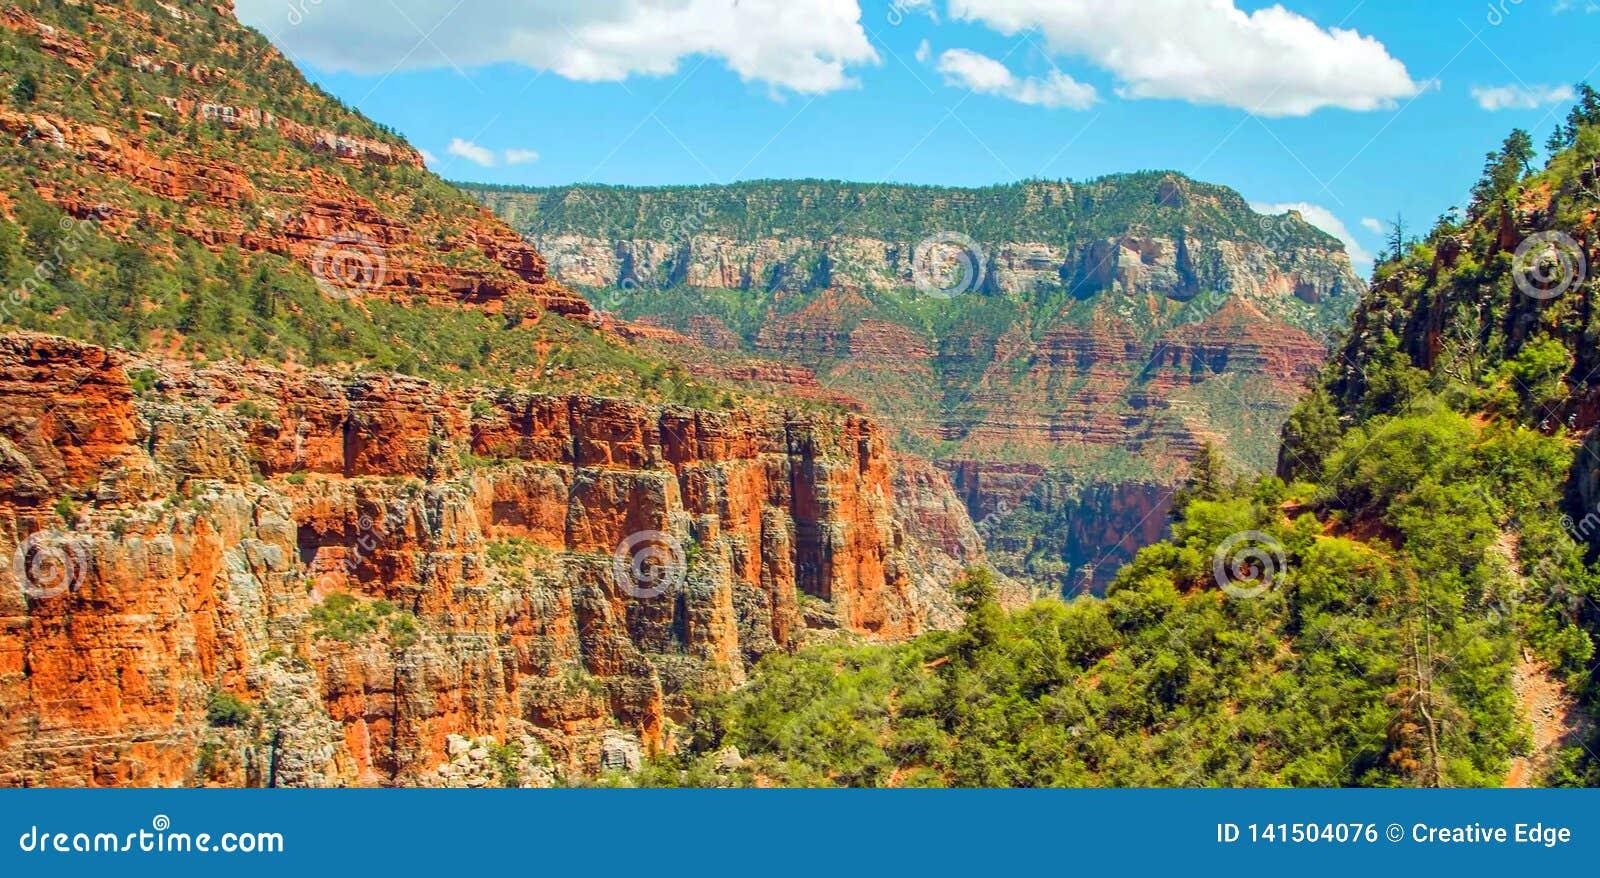 Rastro del norte de Kaibab en el parque nacional de Grand Canyon, Arizona, los Estados Unidos de América